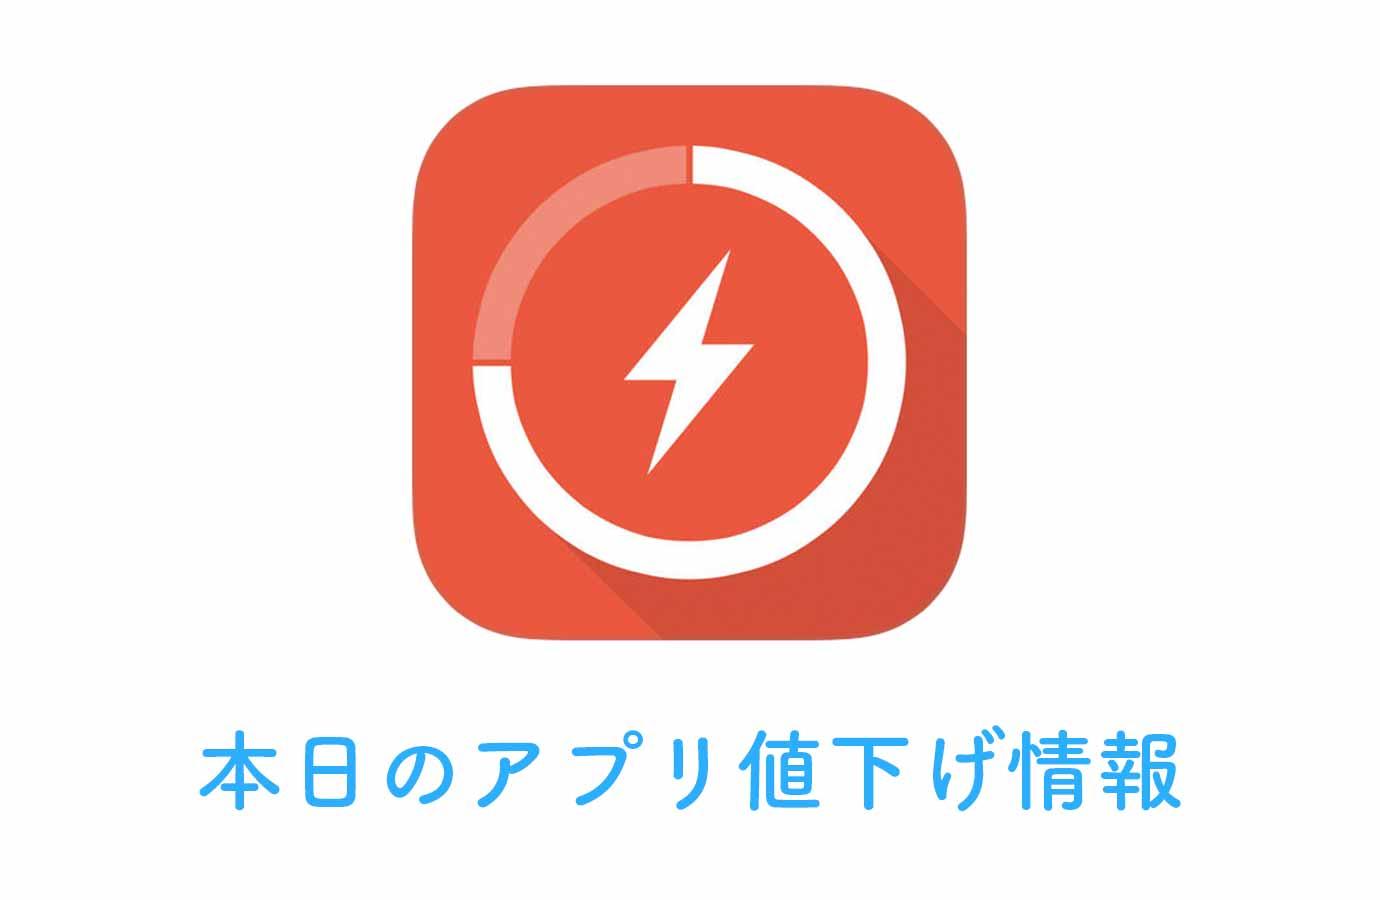 240円→無料!ワークアウトに最適なインターバルタイマーアプリ「TABATACH」など【1/16】アプリ値下げ情報